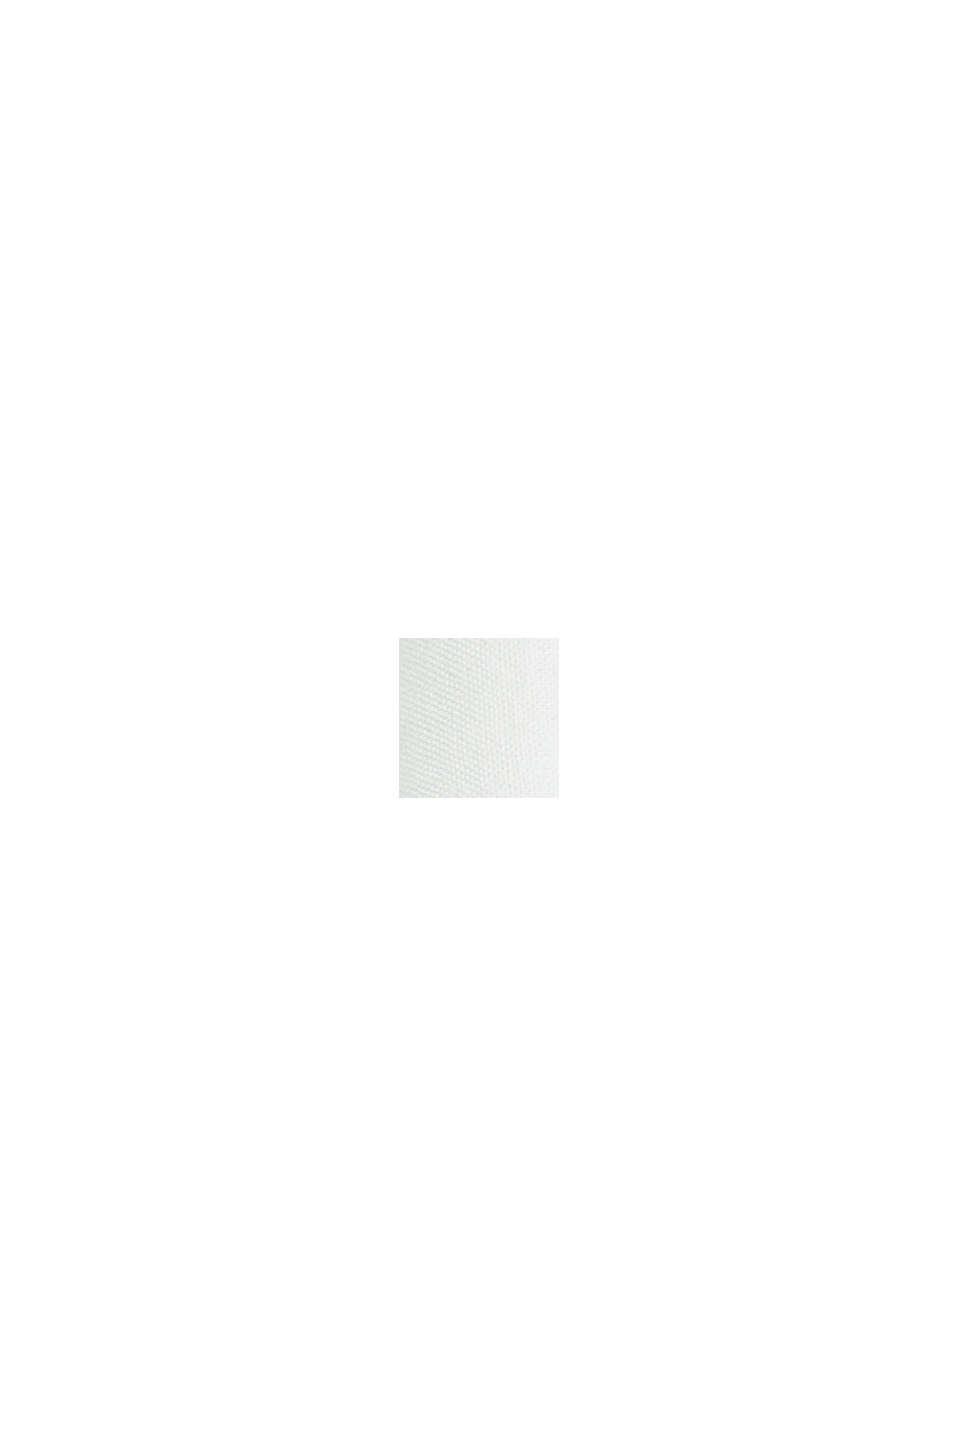 Camicetta con ricamo traforato, cotone biologico, OFF WHITE, swatch